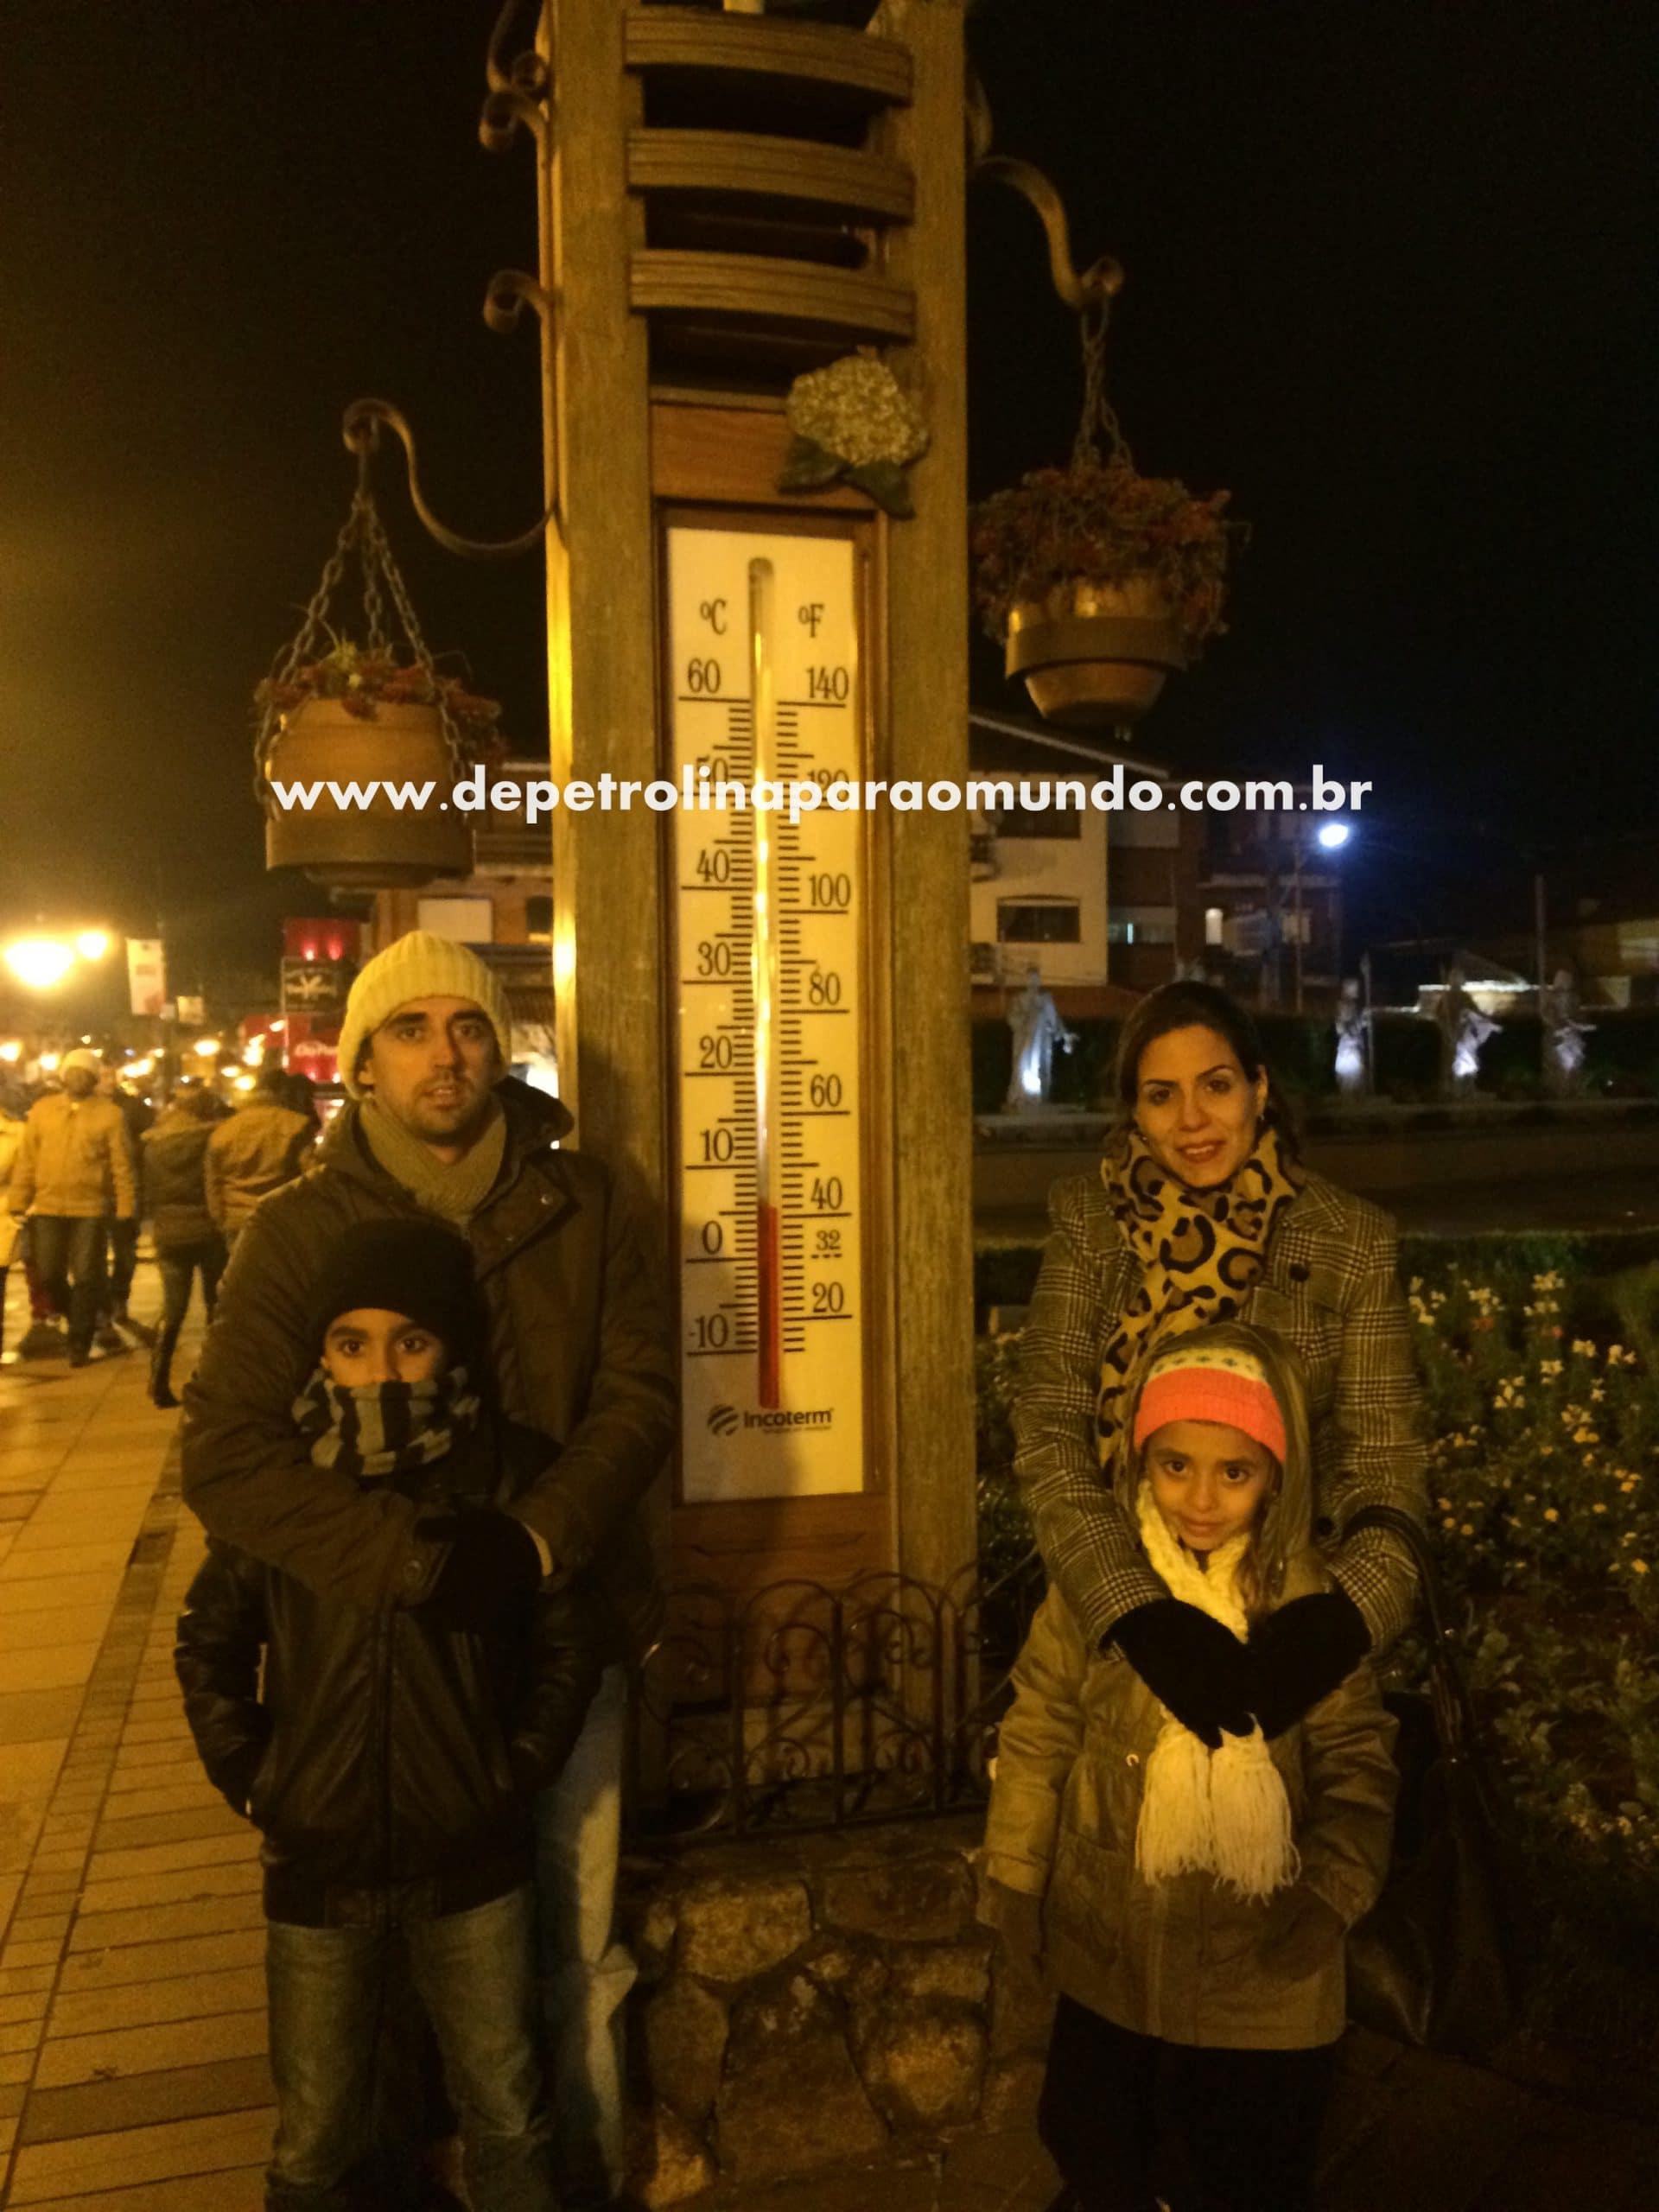 Relógio de temperatura em Gramado